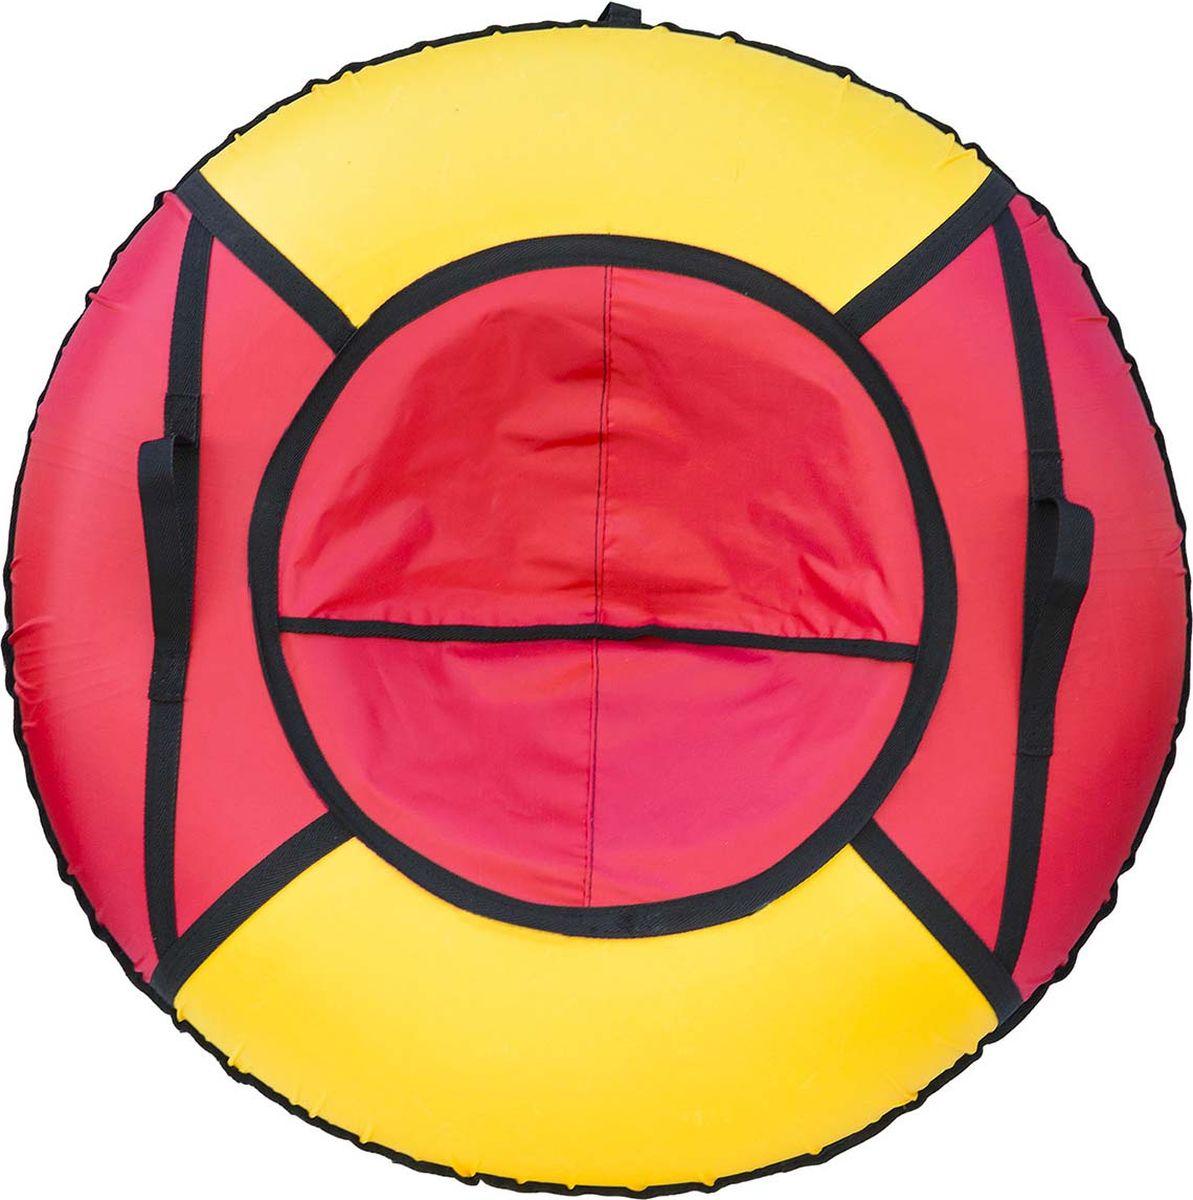 Тюбинг Эх, Прокачу! Эконом-4, цвет: красный, желтый, диаметр 85 смСЭ85-4-1Любимая детская зимняя забава - это кататься с горки. А катание на тюбинге Эх, Прокачу! Эконом-4 надолго запомнится вам и вашим близким. Свежий воздух, веселая компания, веселые развлечения - эти моменты вы будете вспоминать еще долгое время. Специальные материалы и уникальная конструкция днища превосходно скользят, даже если снега совсем немного. Высокая прочность позволит весело проводить время детям и взрослым, не заботясь о поломках. Модель очень вместительная, возможность соскальзывания практически исключена.Особенности: Материал дна - ткань ПВХ, плотность 630 г/м2.Материал верха - ткань Oxford, плотность 420 г/м2. Диаметр в надутом виде - 85 см.Морозоустойчивость - до -45 градусов.Камера российского производства, буксировочный ремень. Тюбинг не предназначен для буксировки механическими или транспортными средствами (подъемники, канатные дороги, лебедки, автомобиль, снегоход, квадроцикл и т.д.).Допускается деформация формы санок из-за неравномерности надувания камеры.